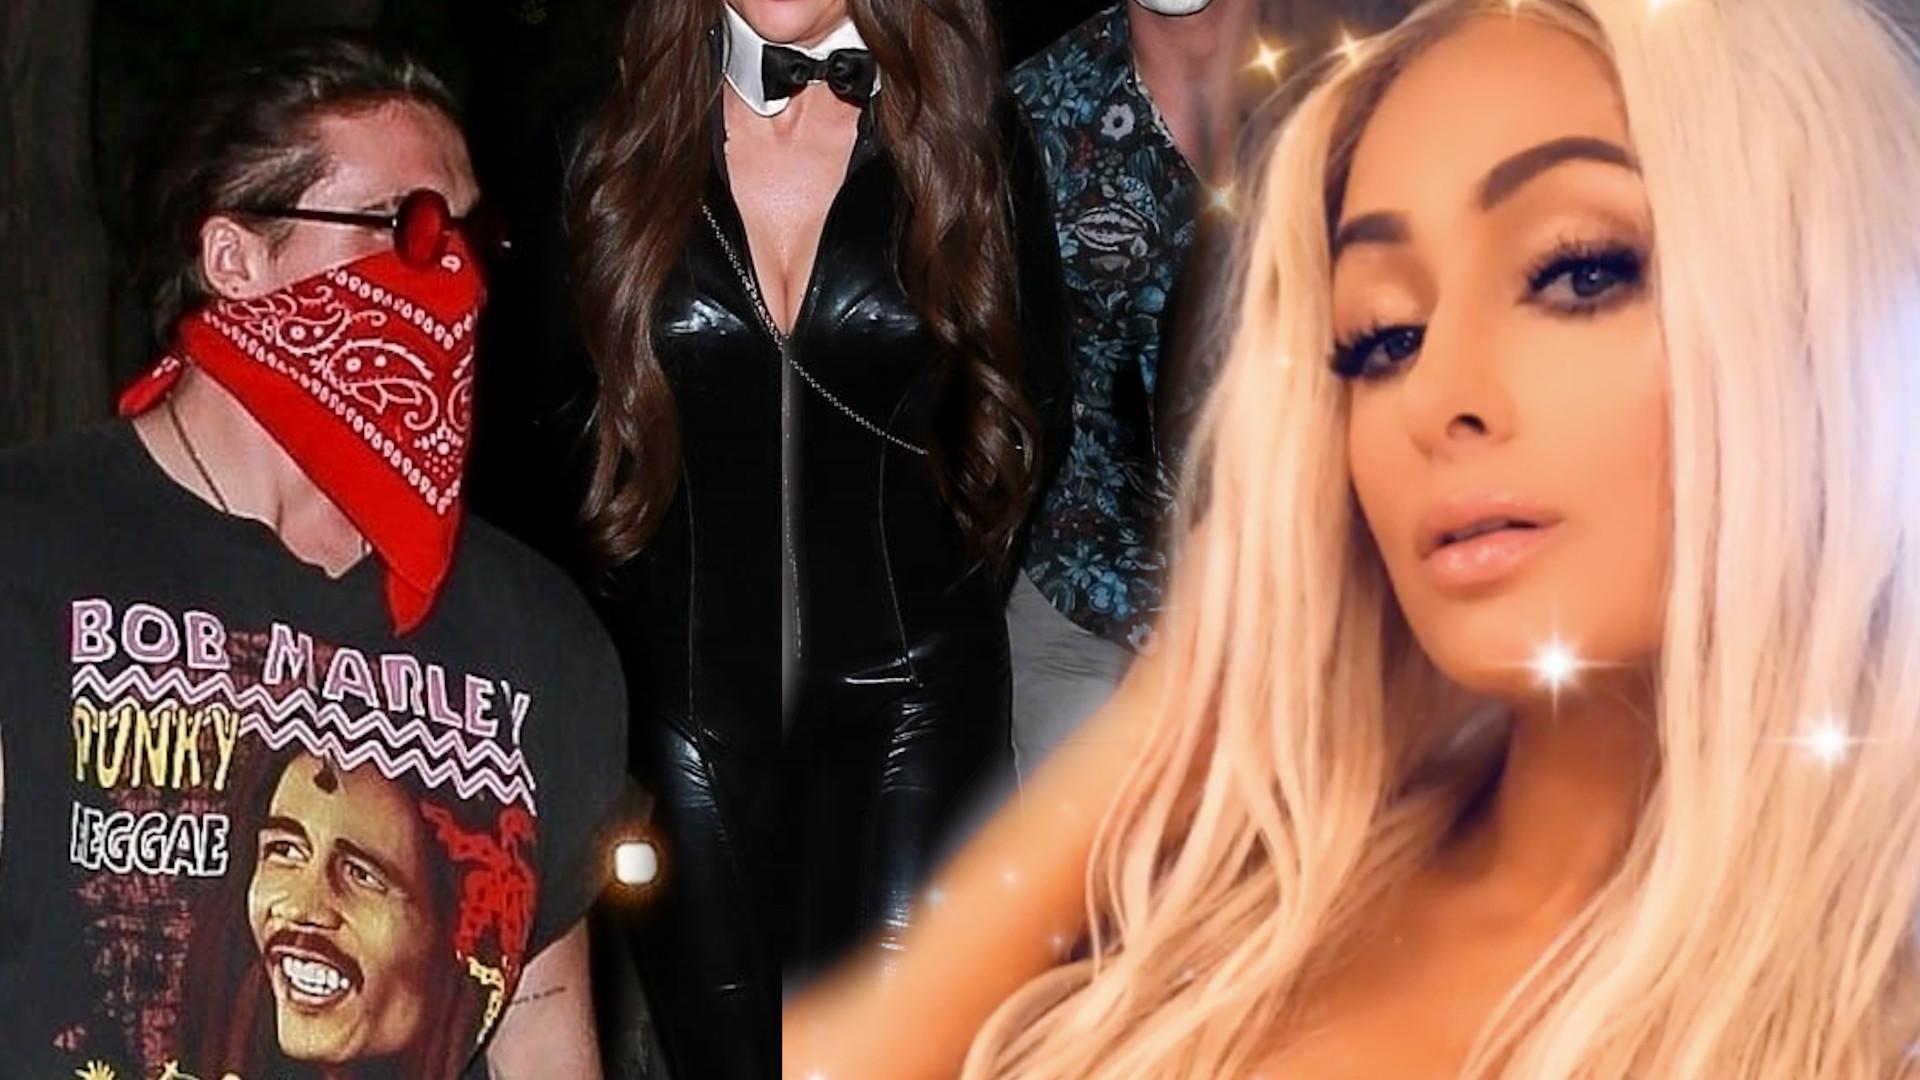 Plejada gwiazd świętuje Halloween u Paris Hilton. Brooklyn Beckham spotkał ex z nowym chłopakiem